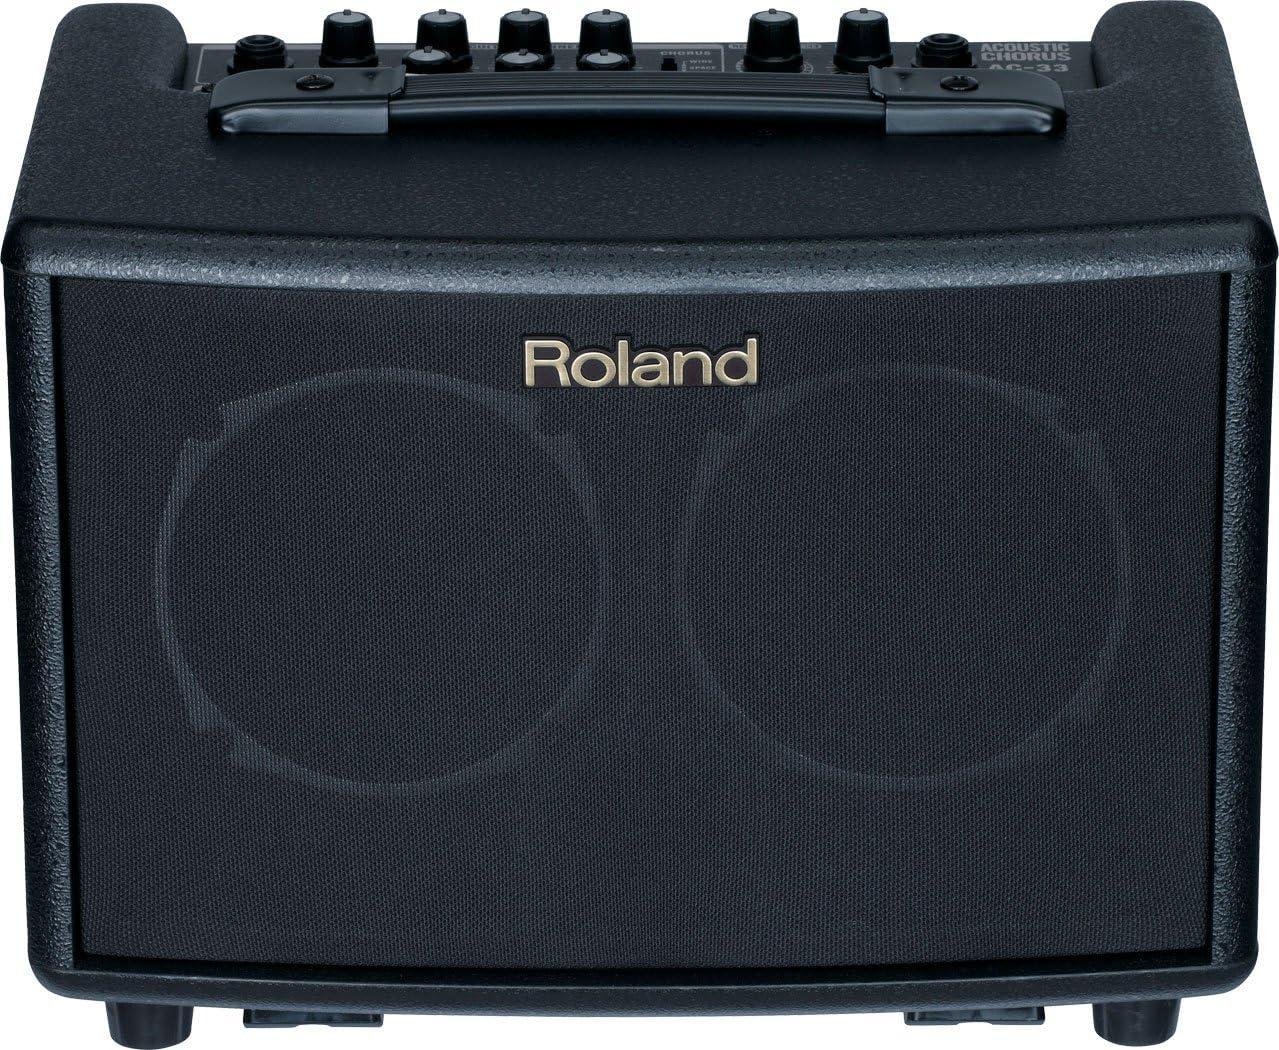 Roland AC-33 Acoustic Chorus Battery-powered 30-Watt Guitar Amplifier